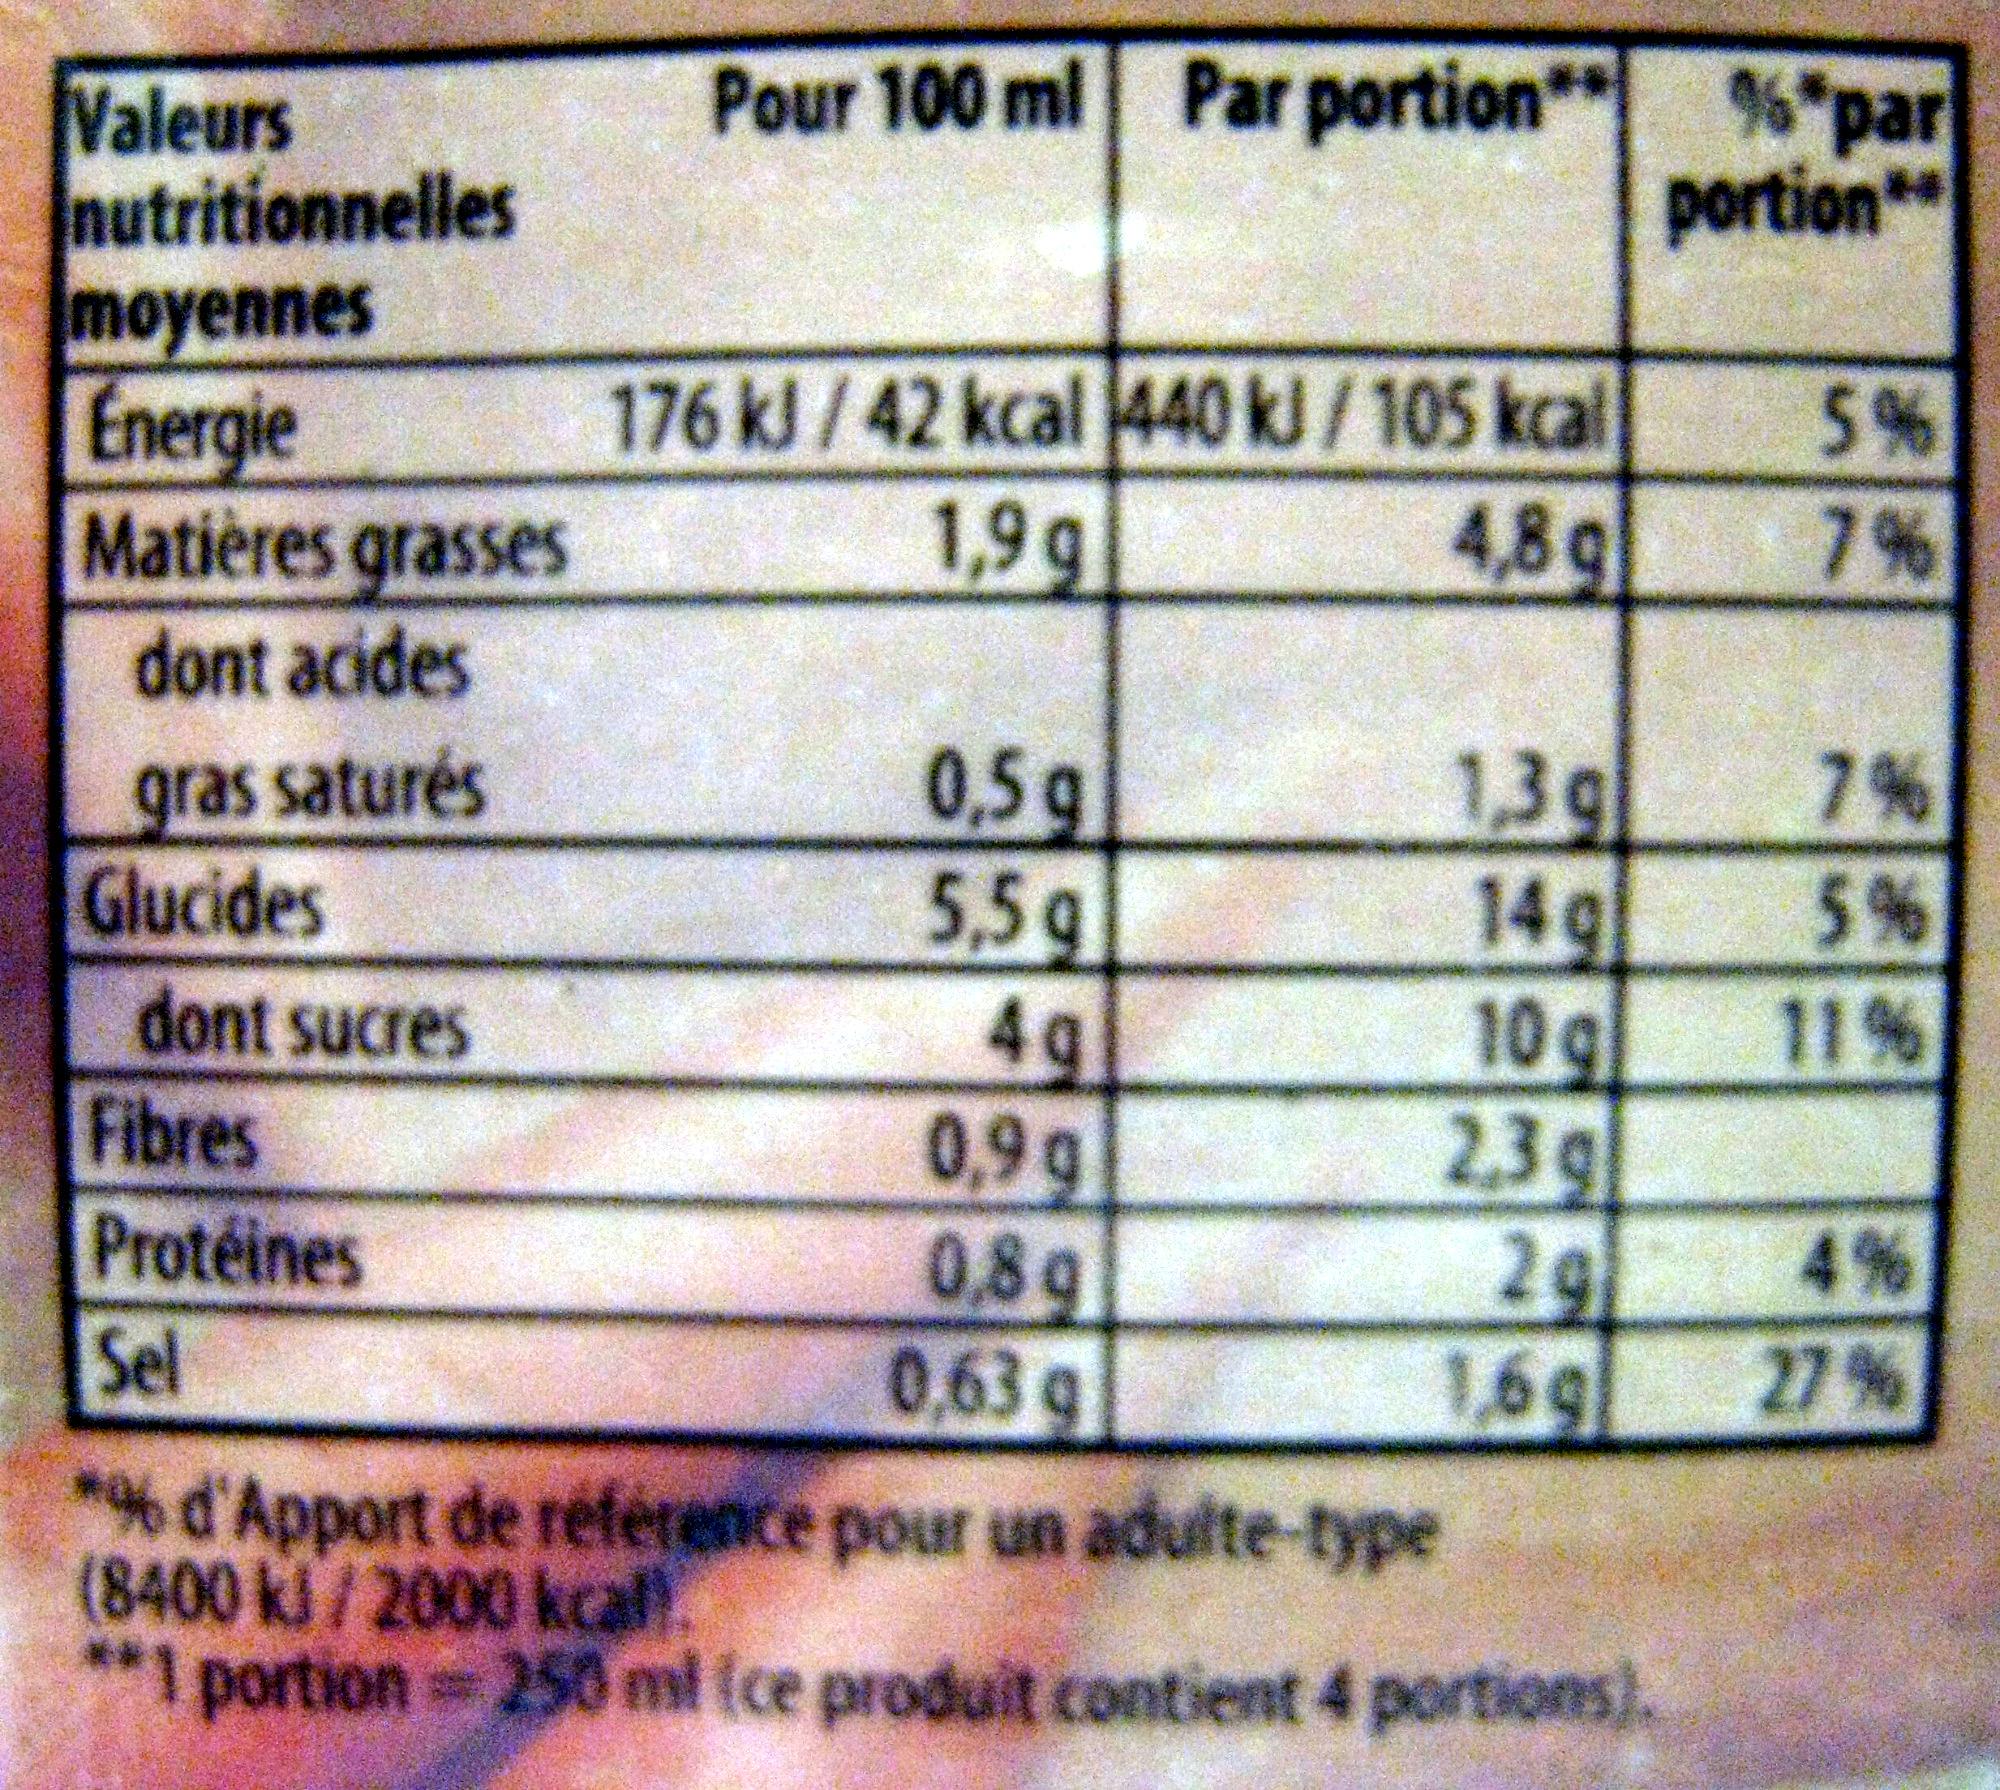 Secrets de Grand-Mère Potiron Carottes fondantes et pincée de romarin (Lot de 2) Knorr - Informations nutritionnelles